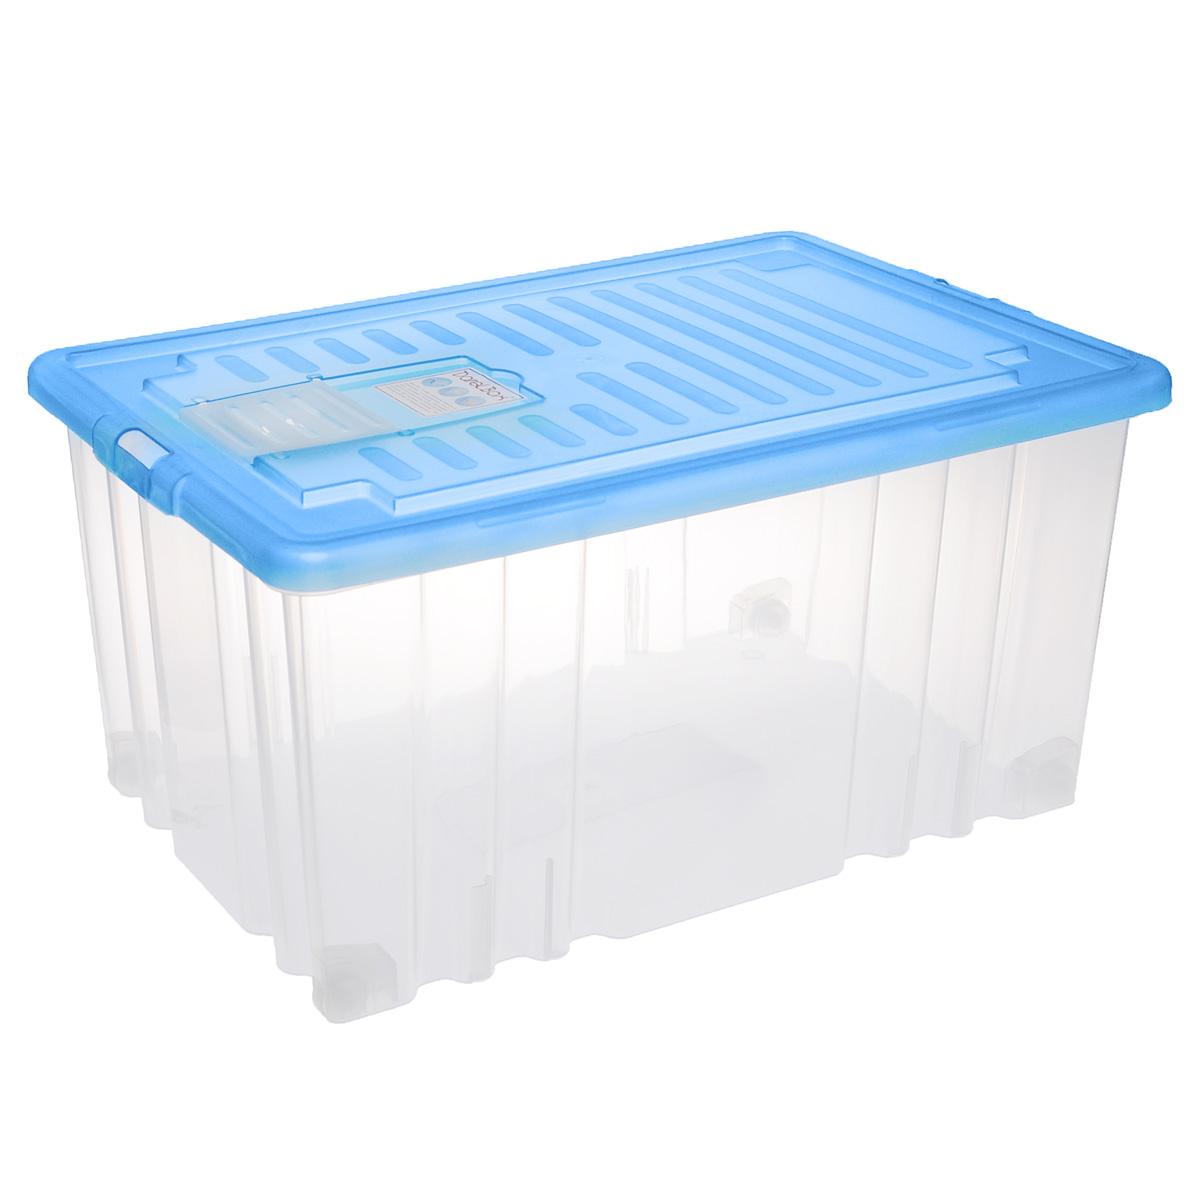 Ящик Darel Box, с крышкой, цвет: синий, прозрачный, 56 лЯФ0156Ящик Darel Box, изготовленный из прозрачного пластика, оснащен плотно закрывающейся крышкой и специальным клапаном для антимолиевых и дезодорирующих веществ. Изделие предназначено для хранения различных бытовых вещей. Идеально подойдет для хранения белья, продуктов, игрушек. Будет незаменим на даче, в гараже или кладовой. Выдерживает температурные перепады от -25°С до +95°С. Изделие имеет четыре маленьких колесика, обеспечивающих удобство перемещения ящика. Колеса бокса могут принимать два положения: утопленное - для хранения, и рабочее - для перемещения. Размер ящика: 65 см х 41,5 см х 31 см.